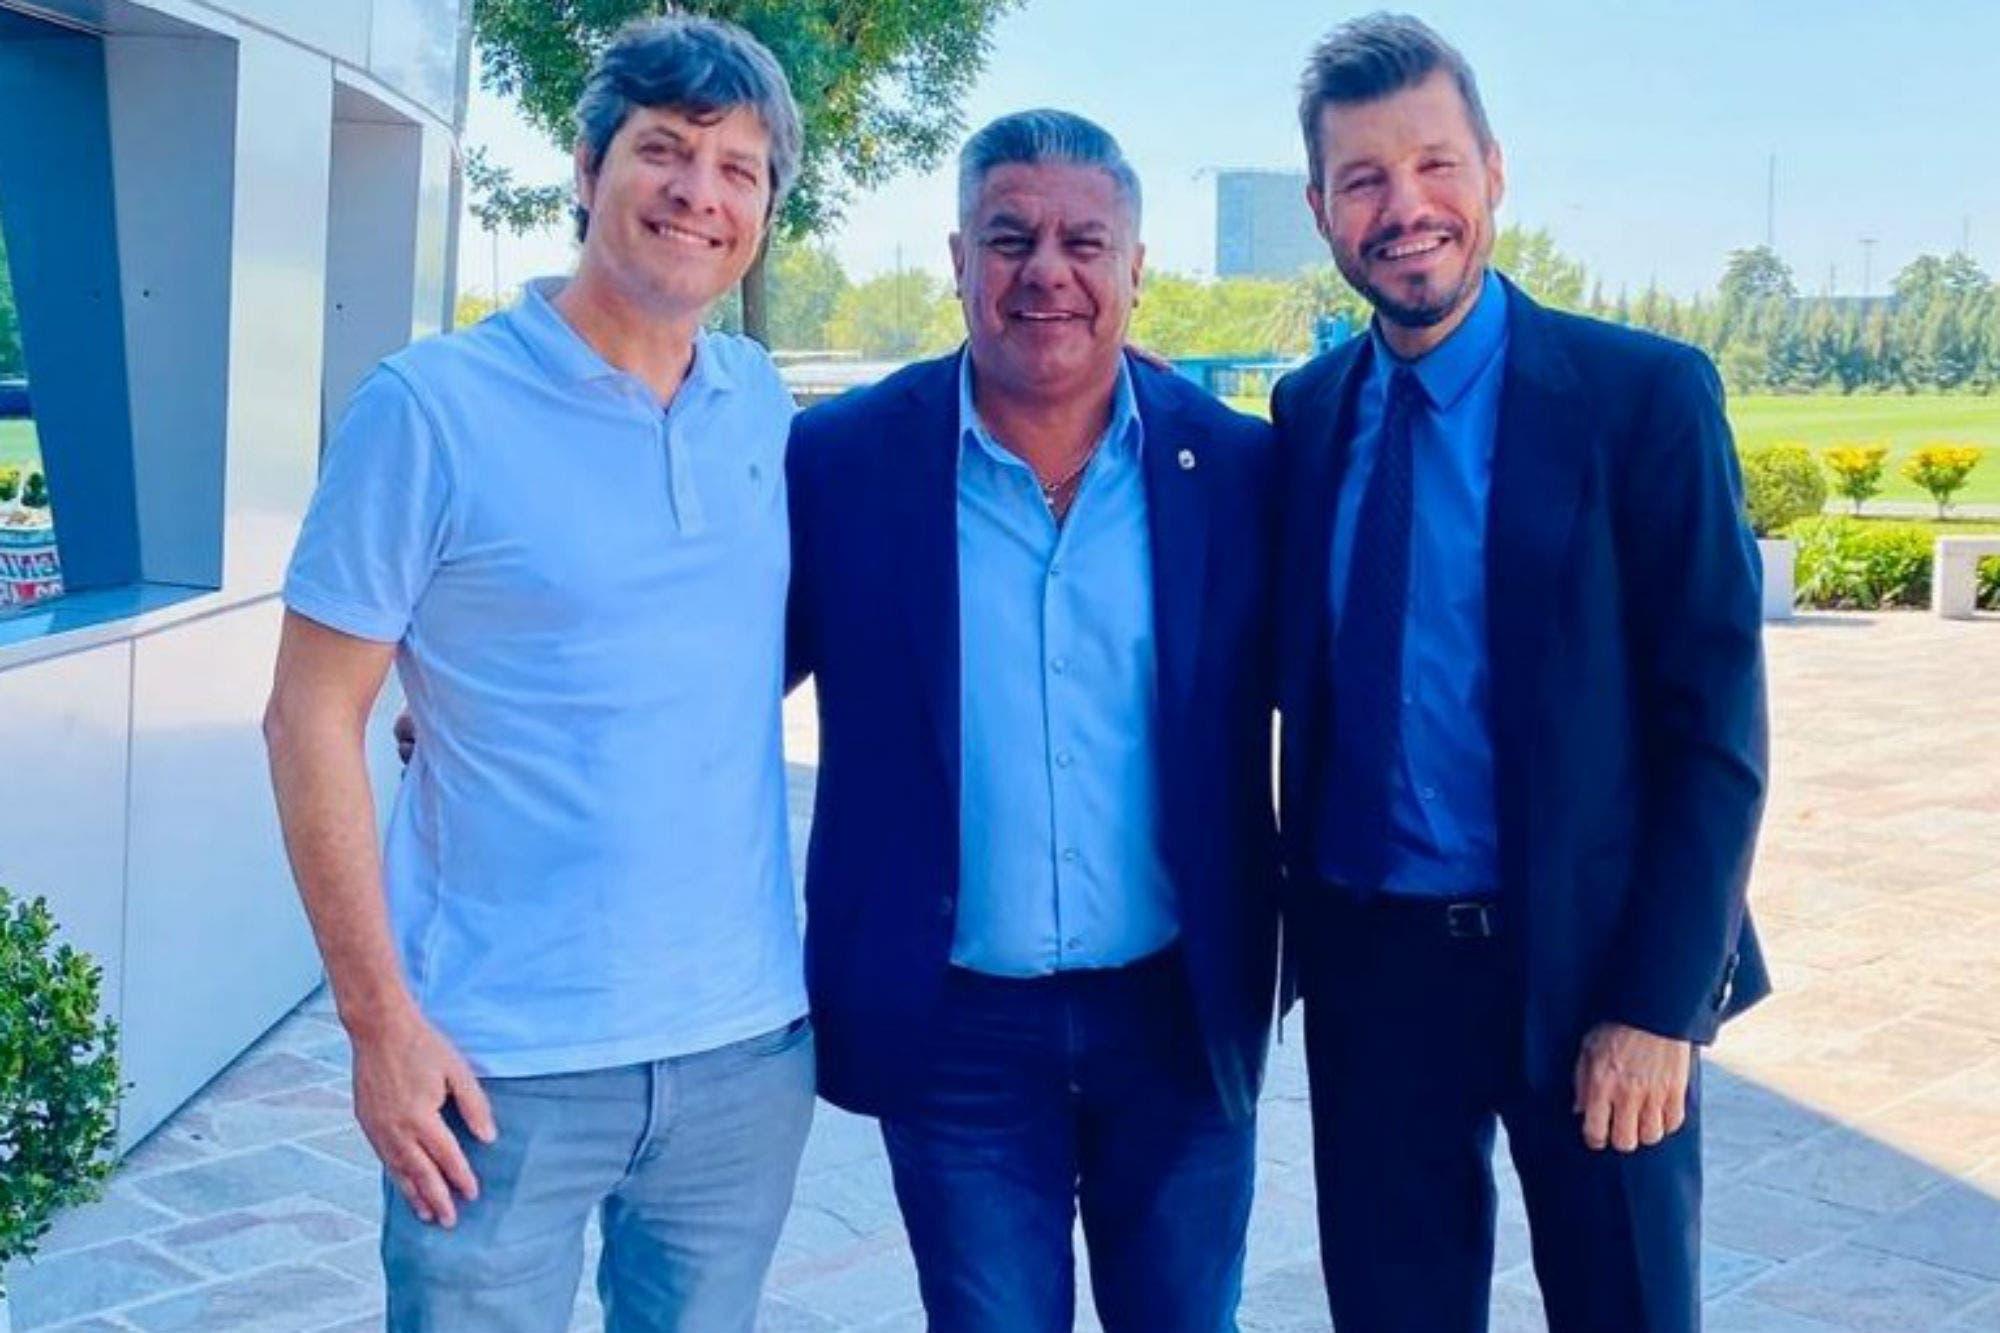 Superliga: por qué habrá un descenso menos y el plan para que la TV Pública vuelva a transmitir fútbol